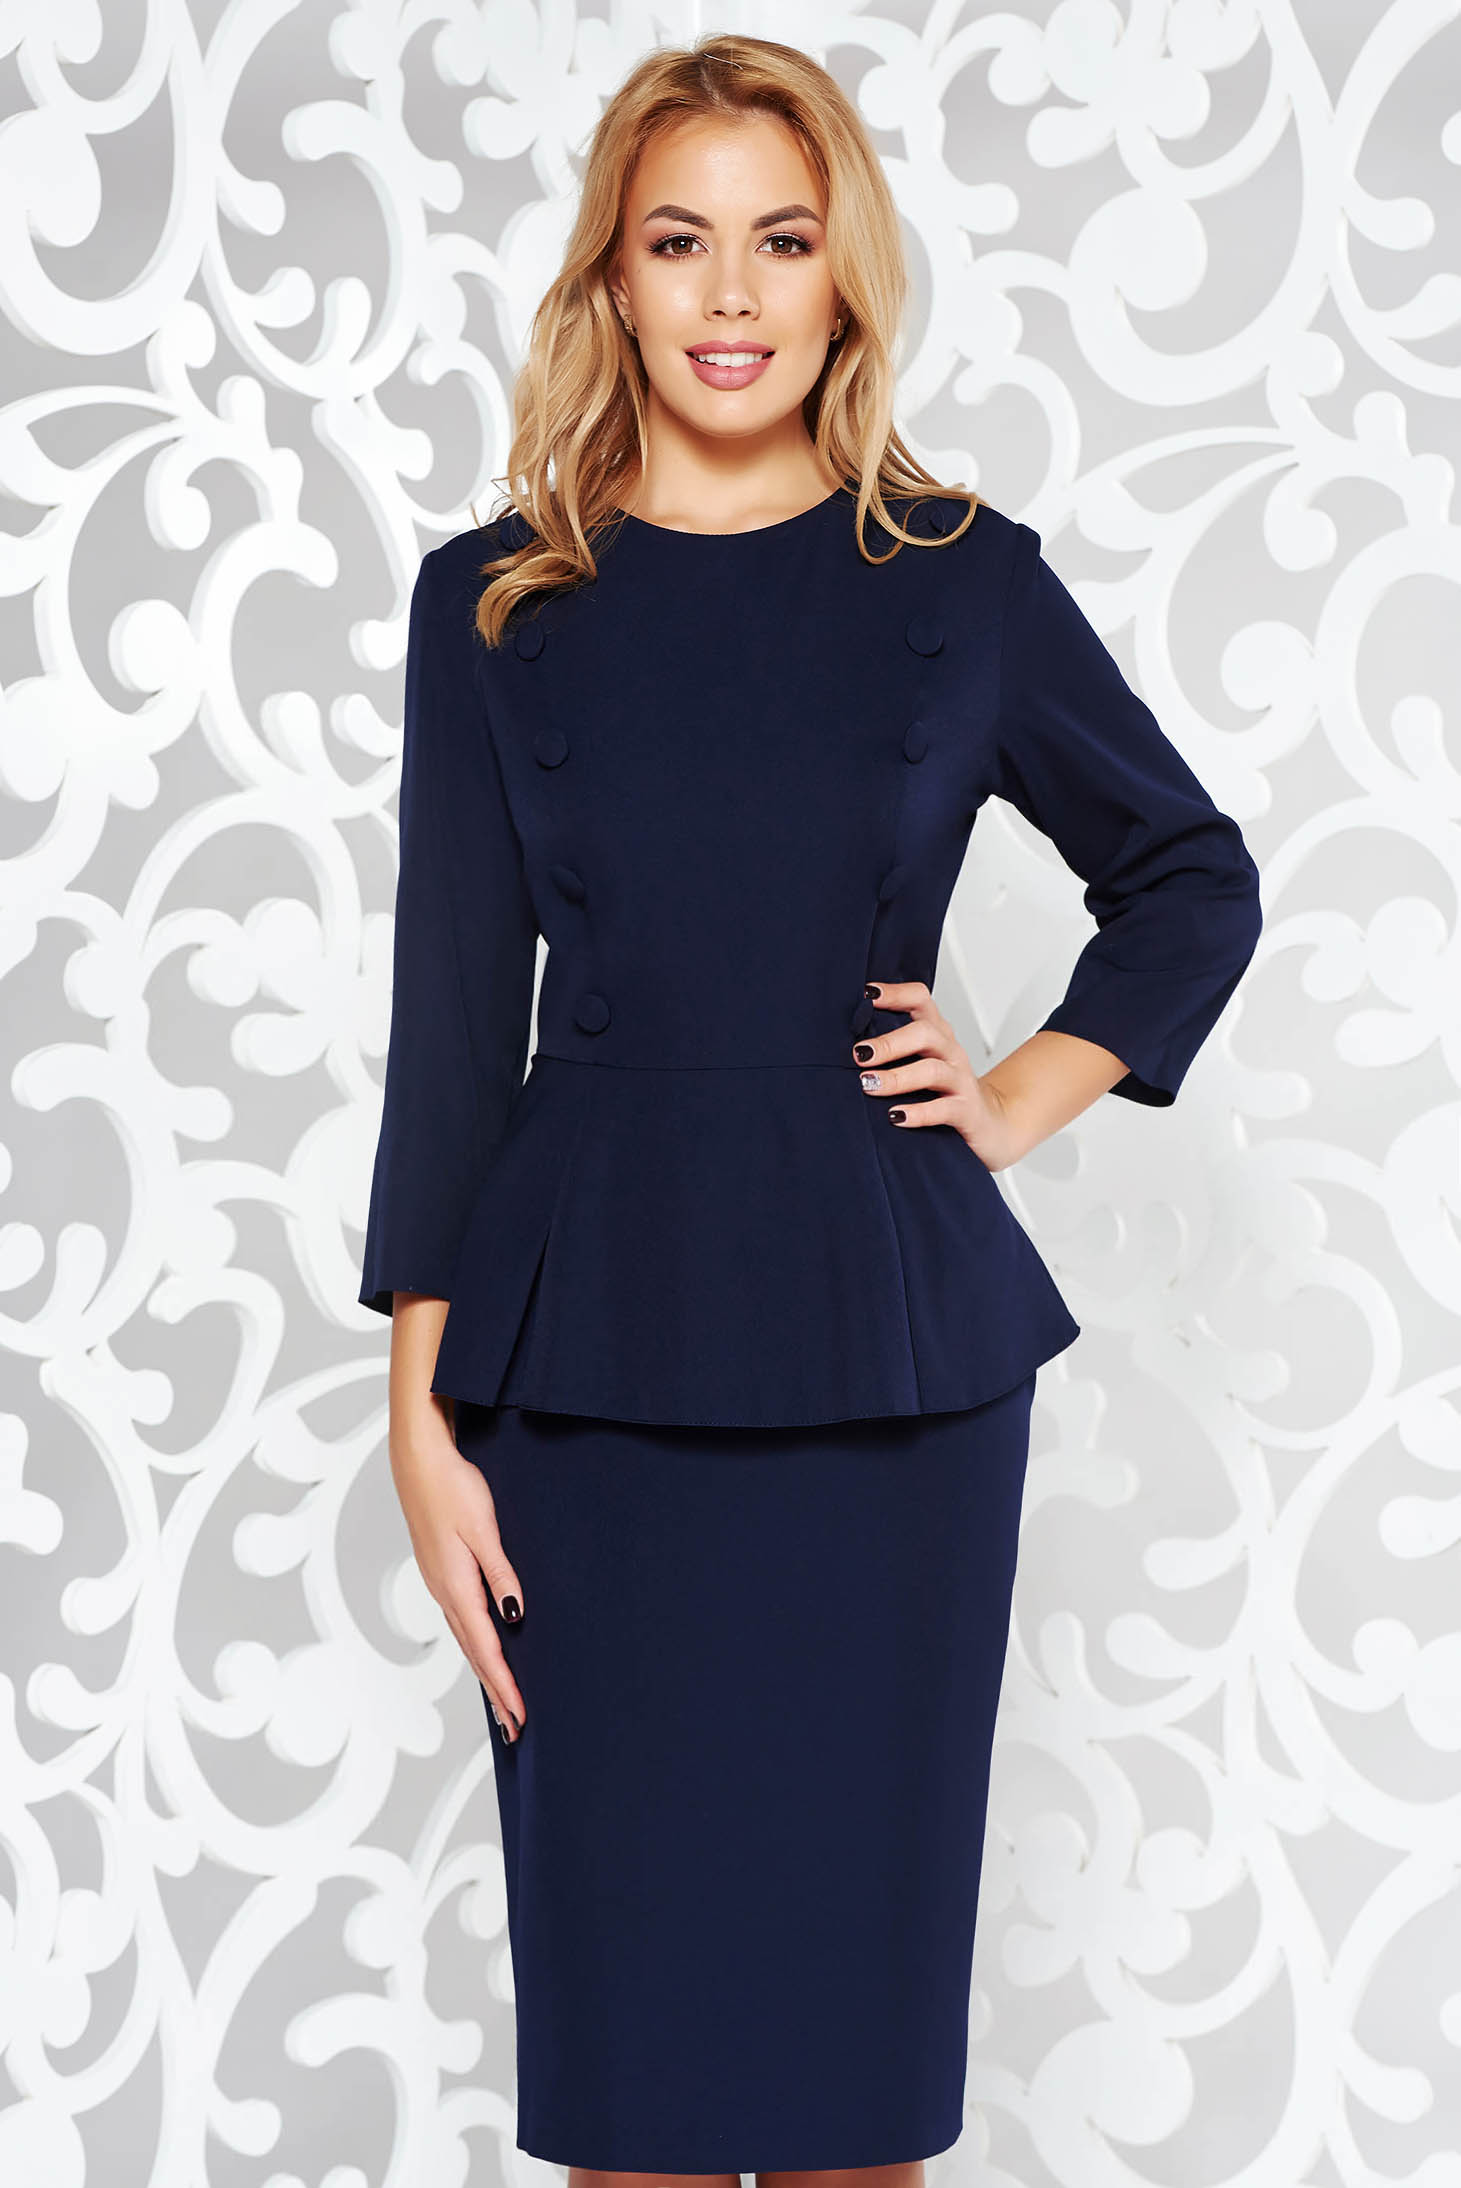 Rochie albastra-inchis office midi tip creion din stofa subtire usor elastica cu peplum